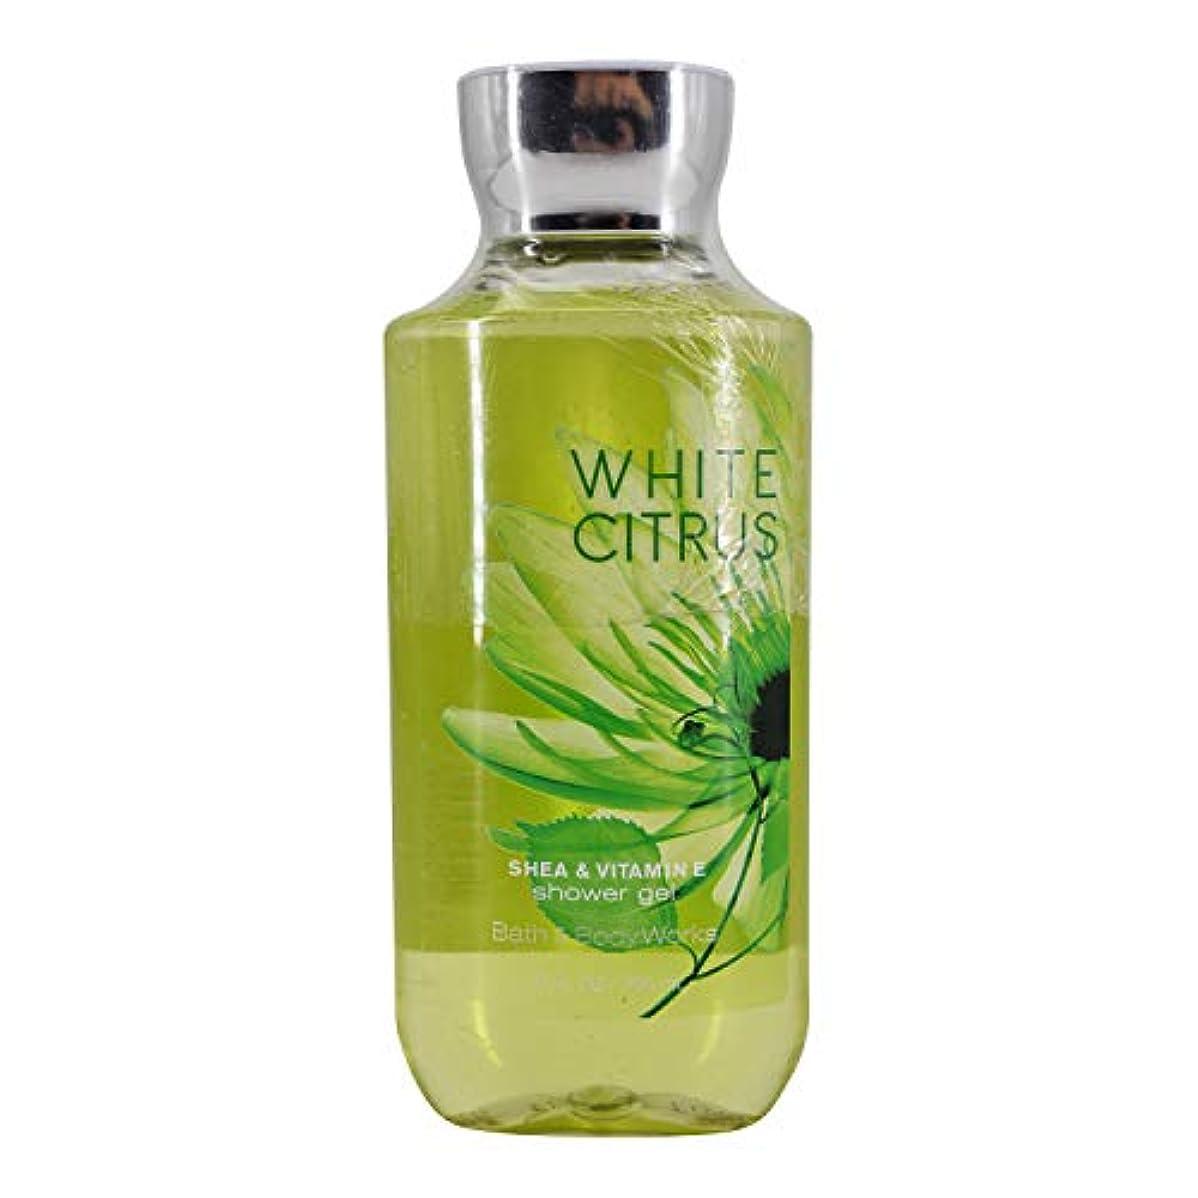 あごピル絶対の【Bath&Body Works/バス&ボディワークス】 シャワージェル ホワイトシトラス Shower Gel White Citrus 10 fl oz / 295 mL [並行輸入品]